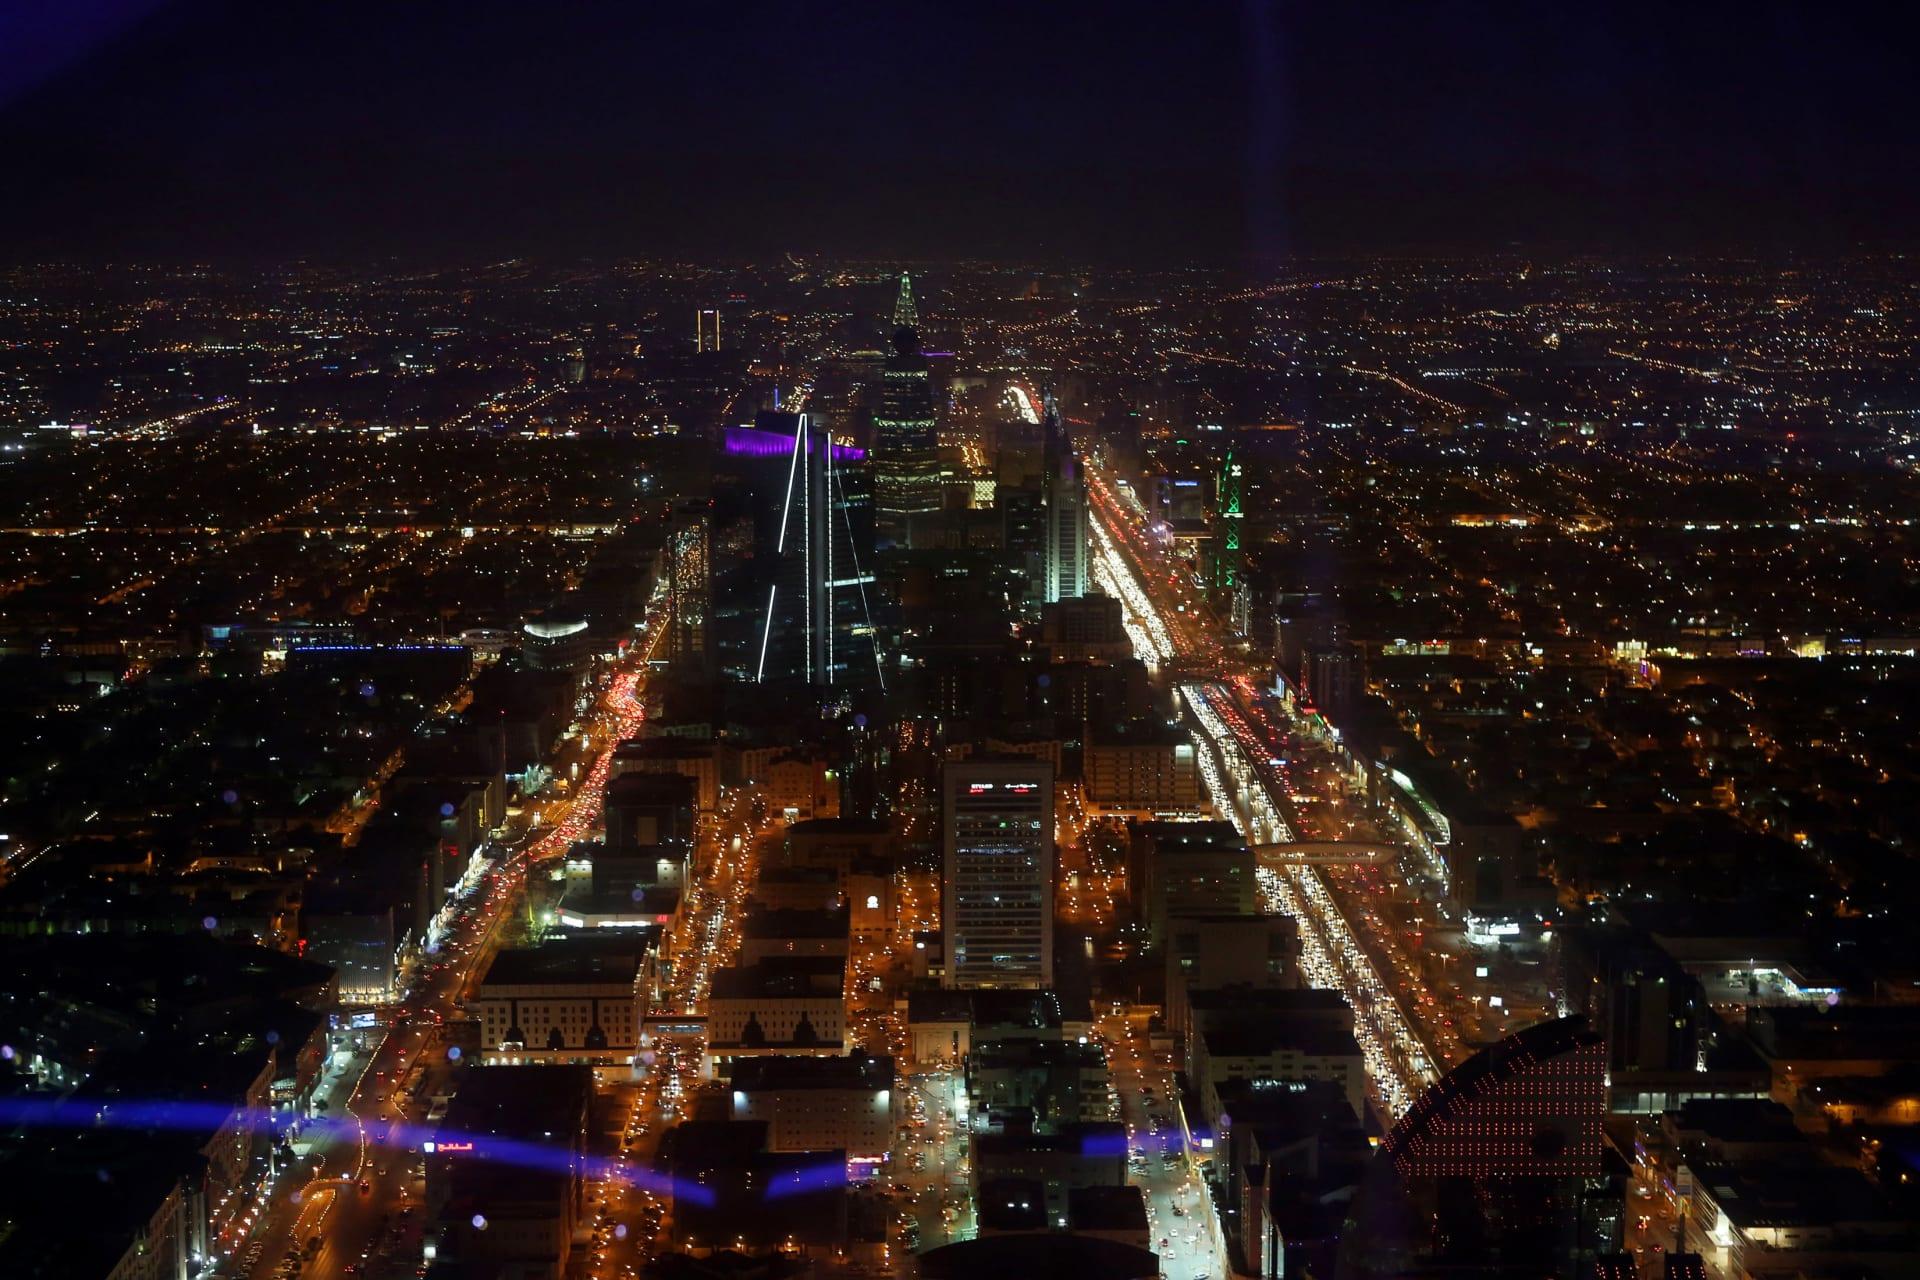 الحكومة السعودية تعلن عزمها إيقاف التعاقد مع الشركات الأجنبية التي لديها مقرات في المنطقة خارج المملكة